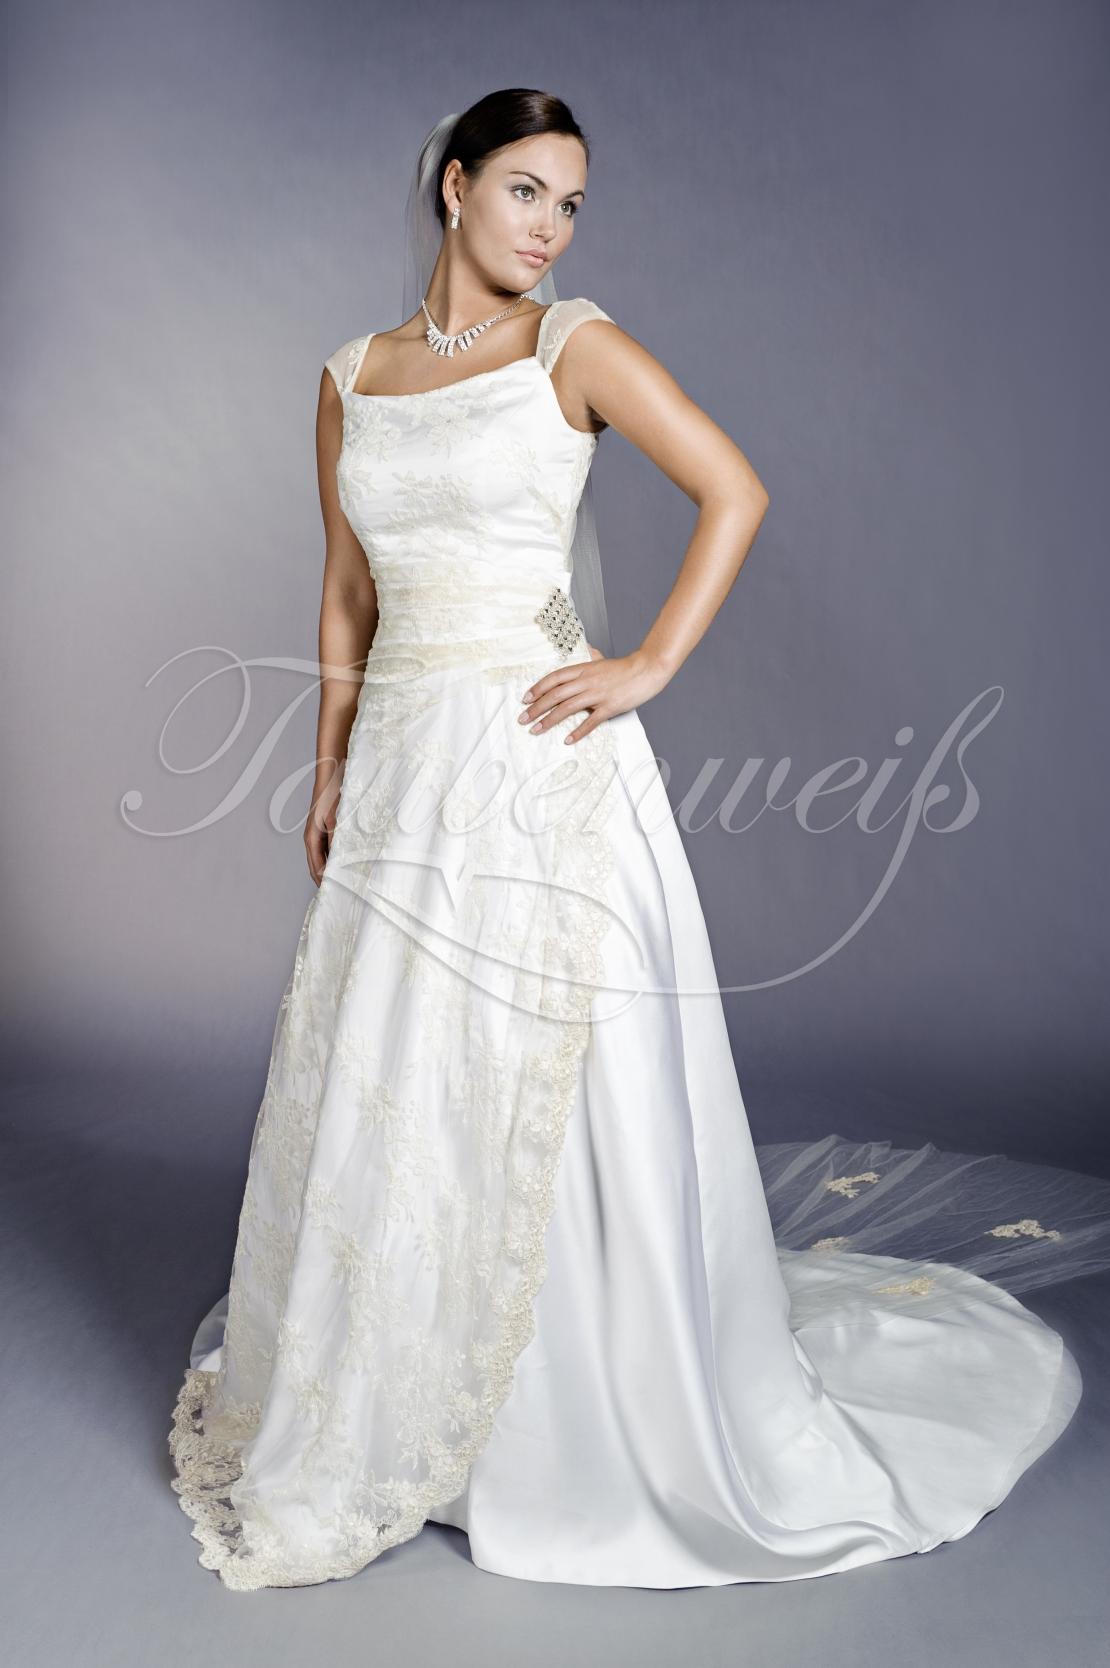 jetzt kaufen vielfältig Stile guter Verkauf Brautkleid TW0096B - Brautkleid TW0096B A-Linie Satin Spitze Träger  zweifarbig Schleppe Träger Schleppe